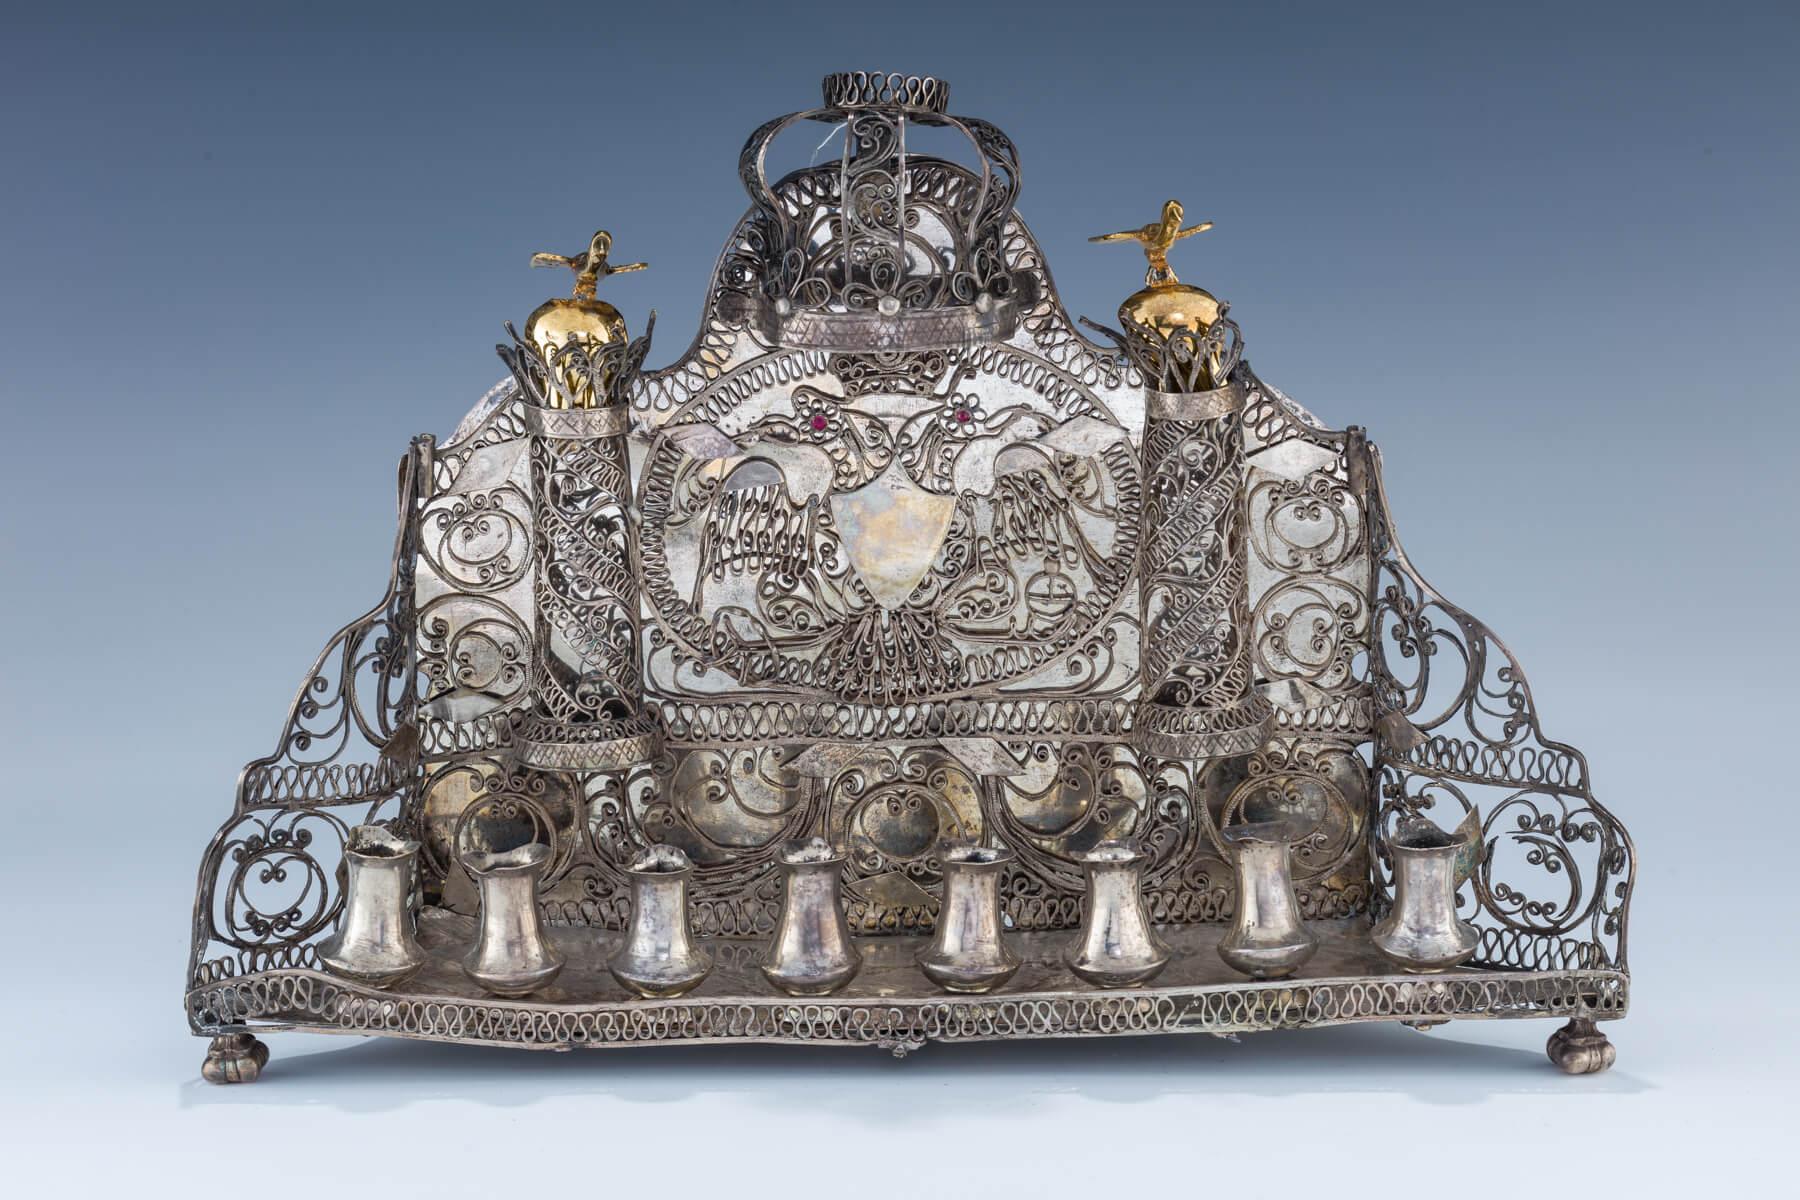 52. A Silver Hanukkah Lamp